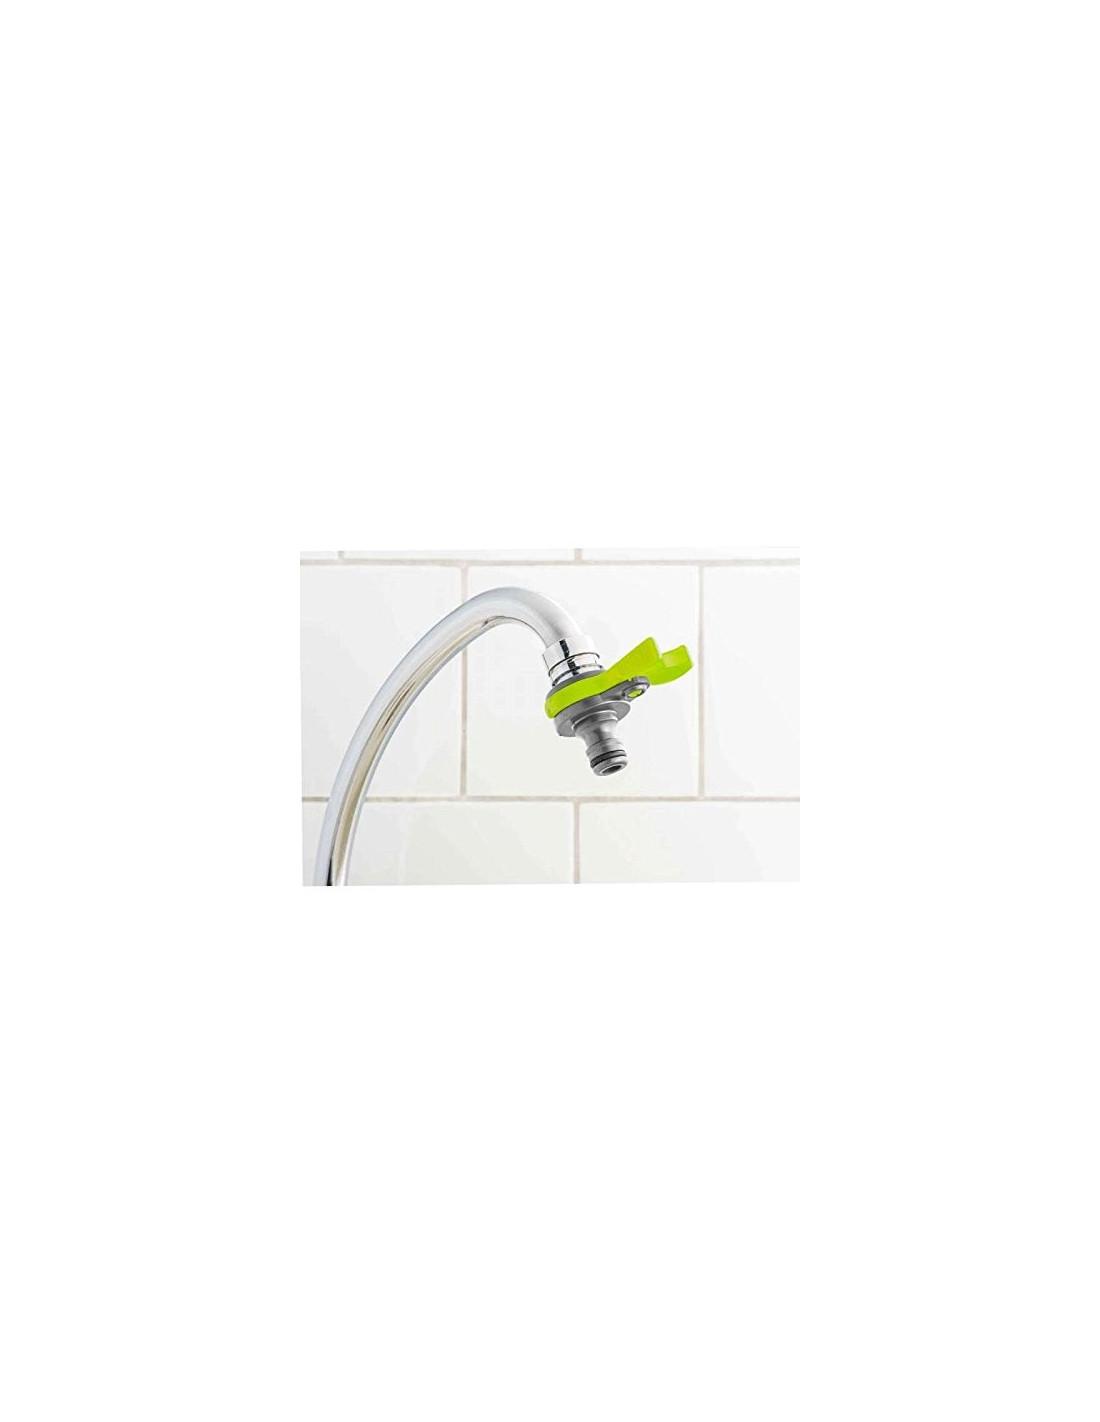 robinet d arrosage clapet cassevide pour robinets duarrosage et machine a laver with robinet d. Black Bedroom Furniture Sets. Home Design Ideas